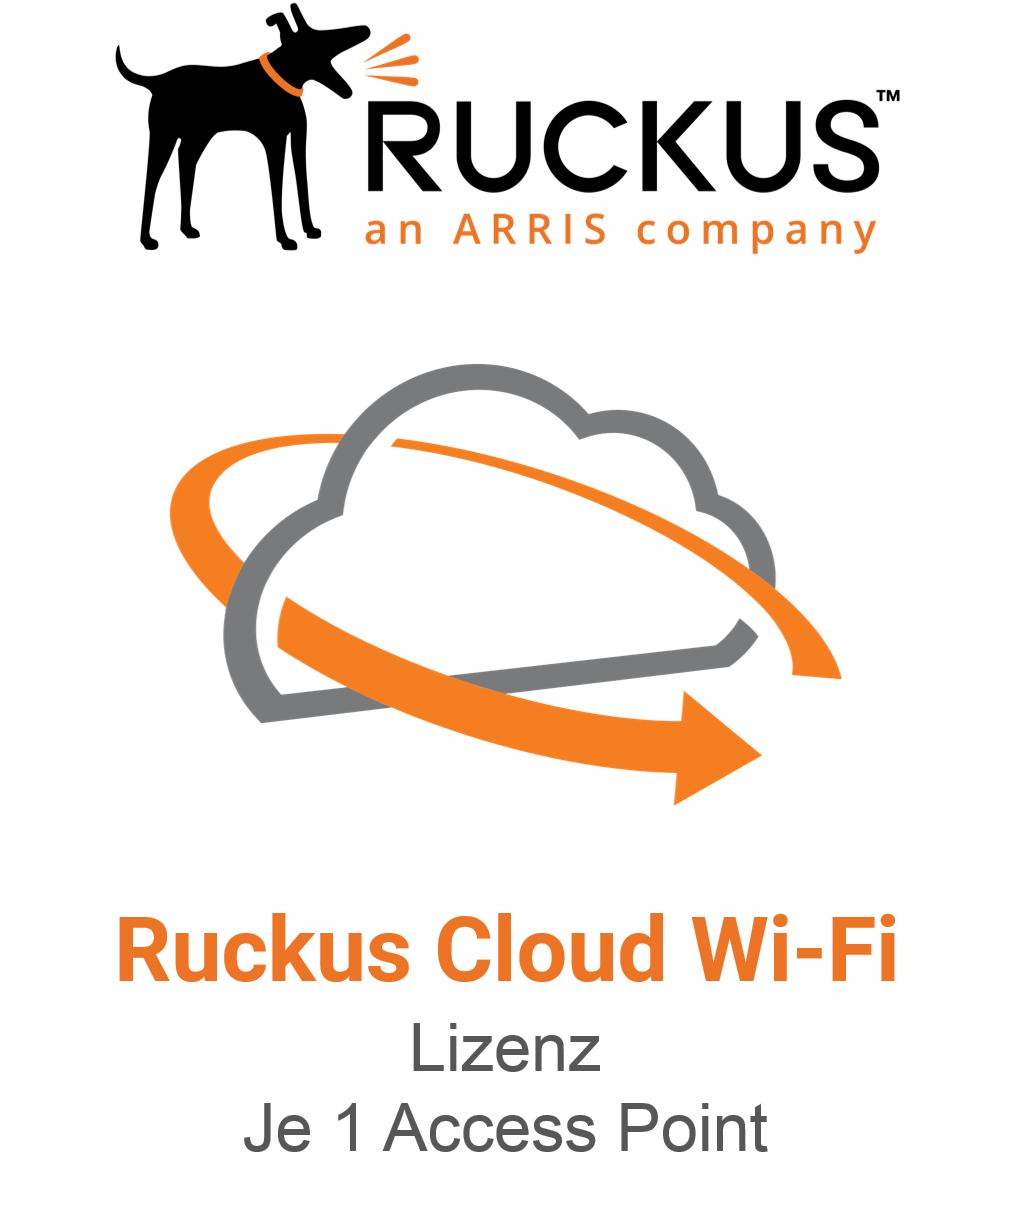 Ruckus Cloud Wi-Fi